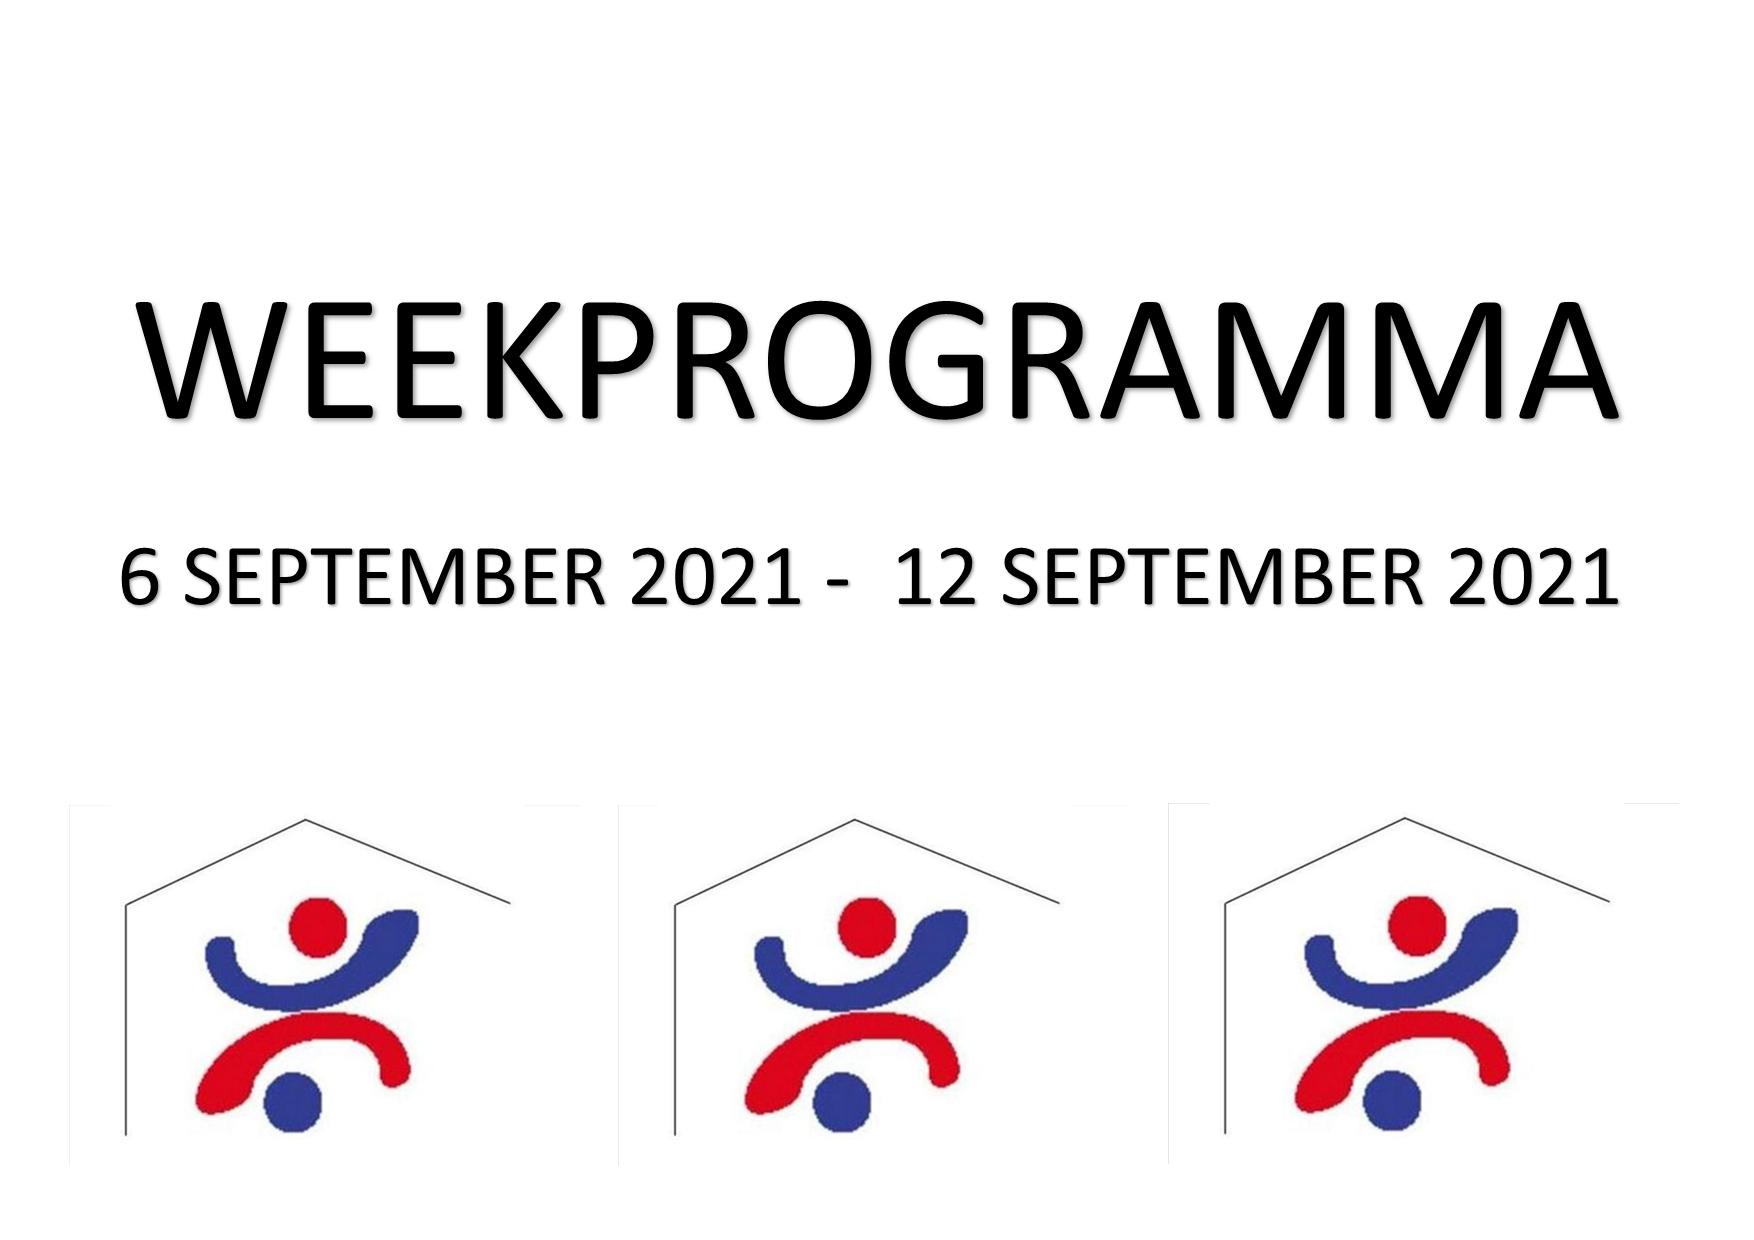 Weekprogramma (6 sept - 12 sept)